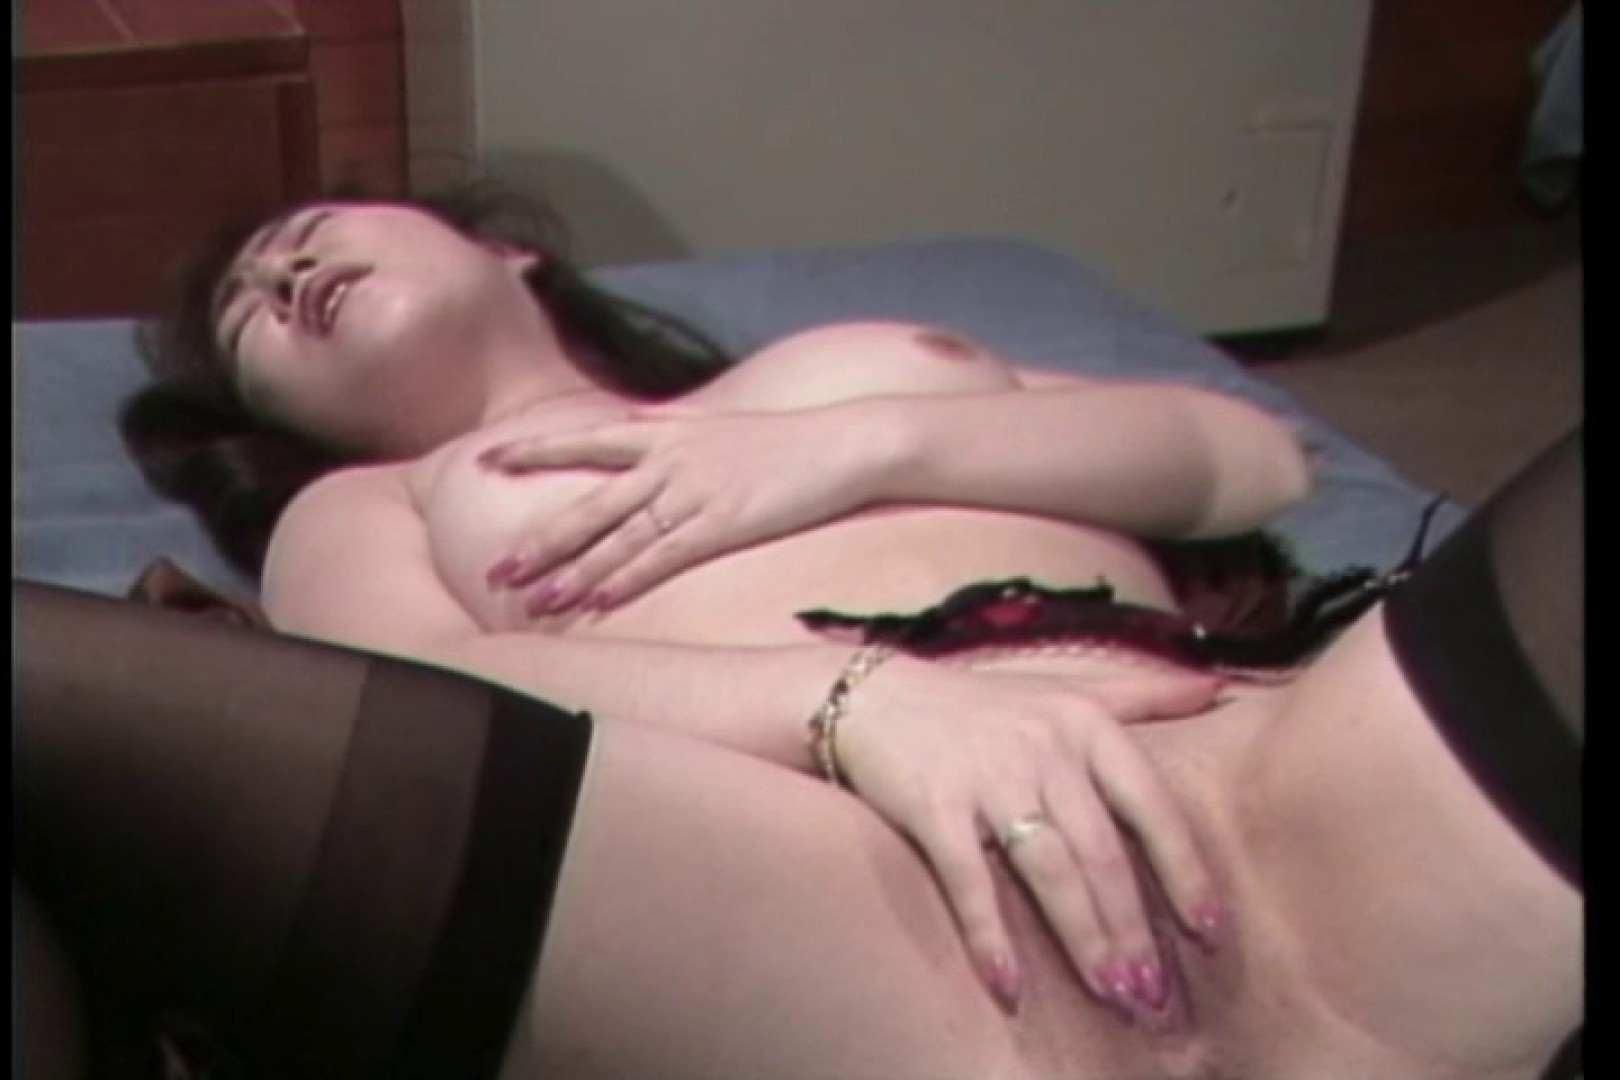 変態亜美のアブノーマルな世界・前編~夢野亜美~ バイブ   オナニーし放題  21pic 15